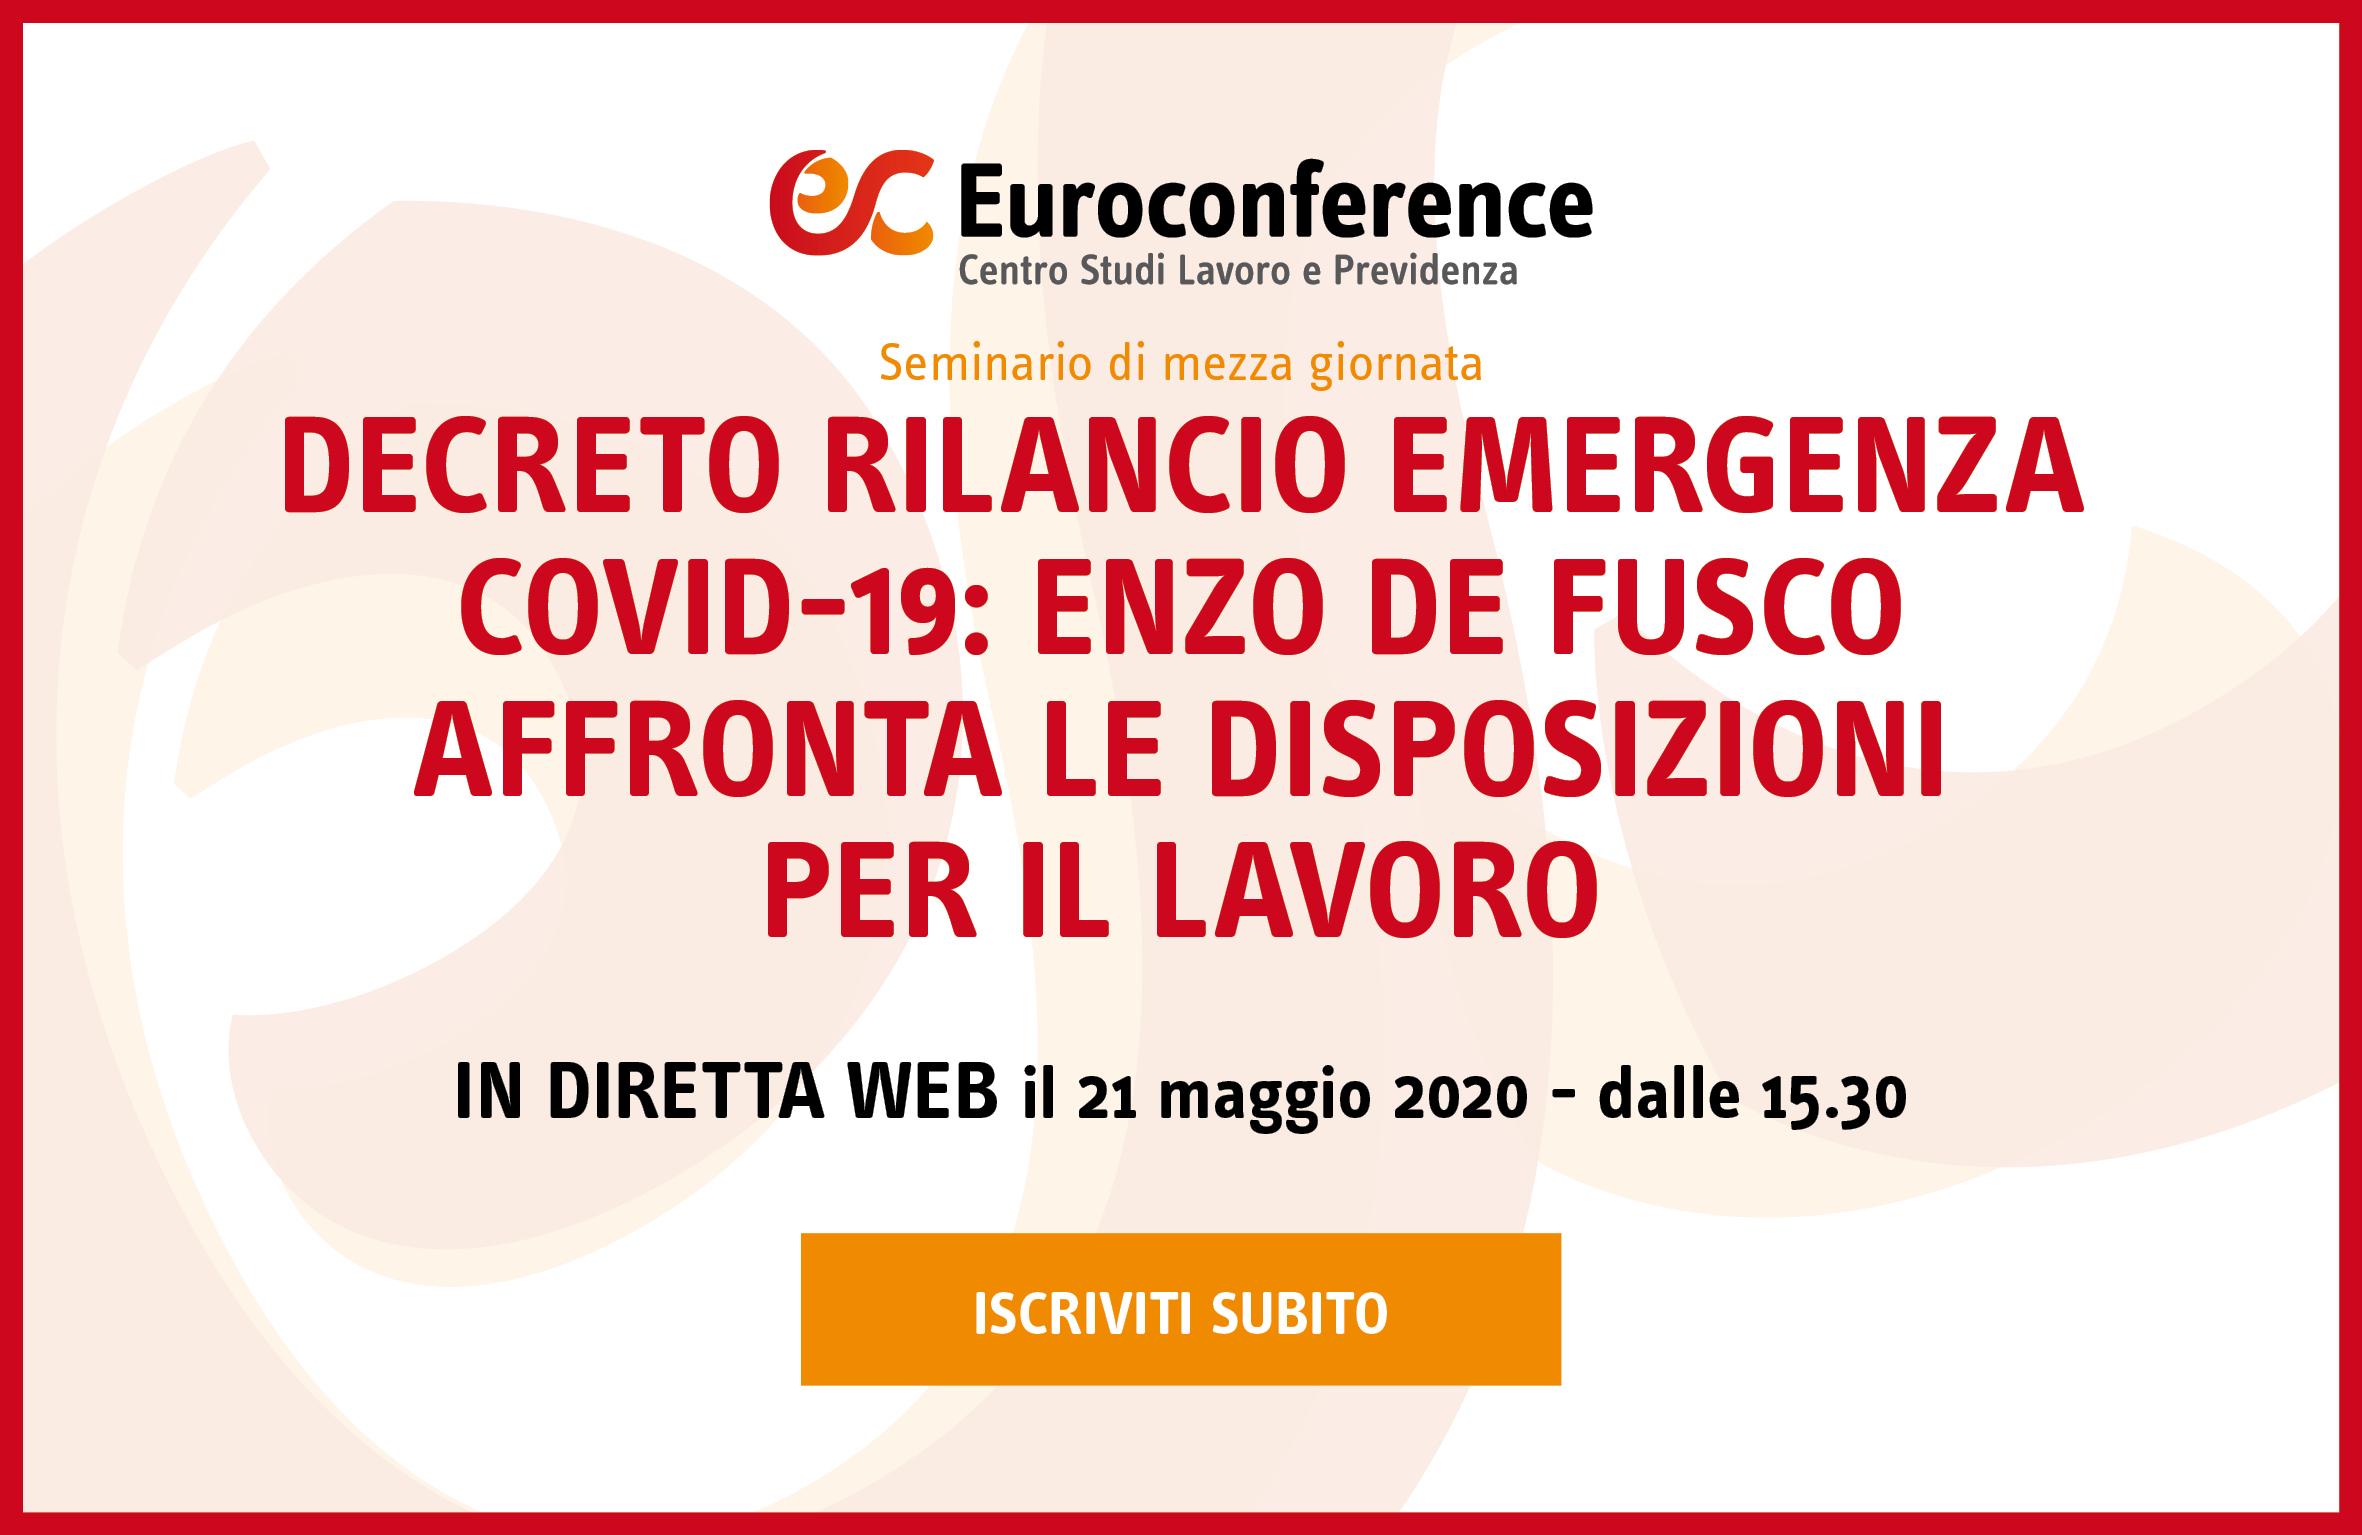 Decreto Rilancio emergenza Covid-19: Enzo De Fusco affronta le disposizioni per il lavoro